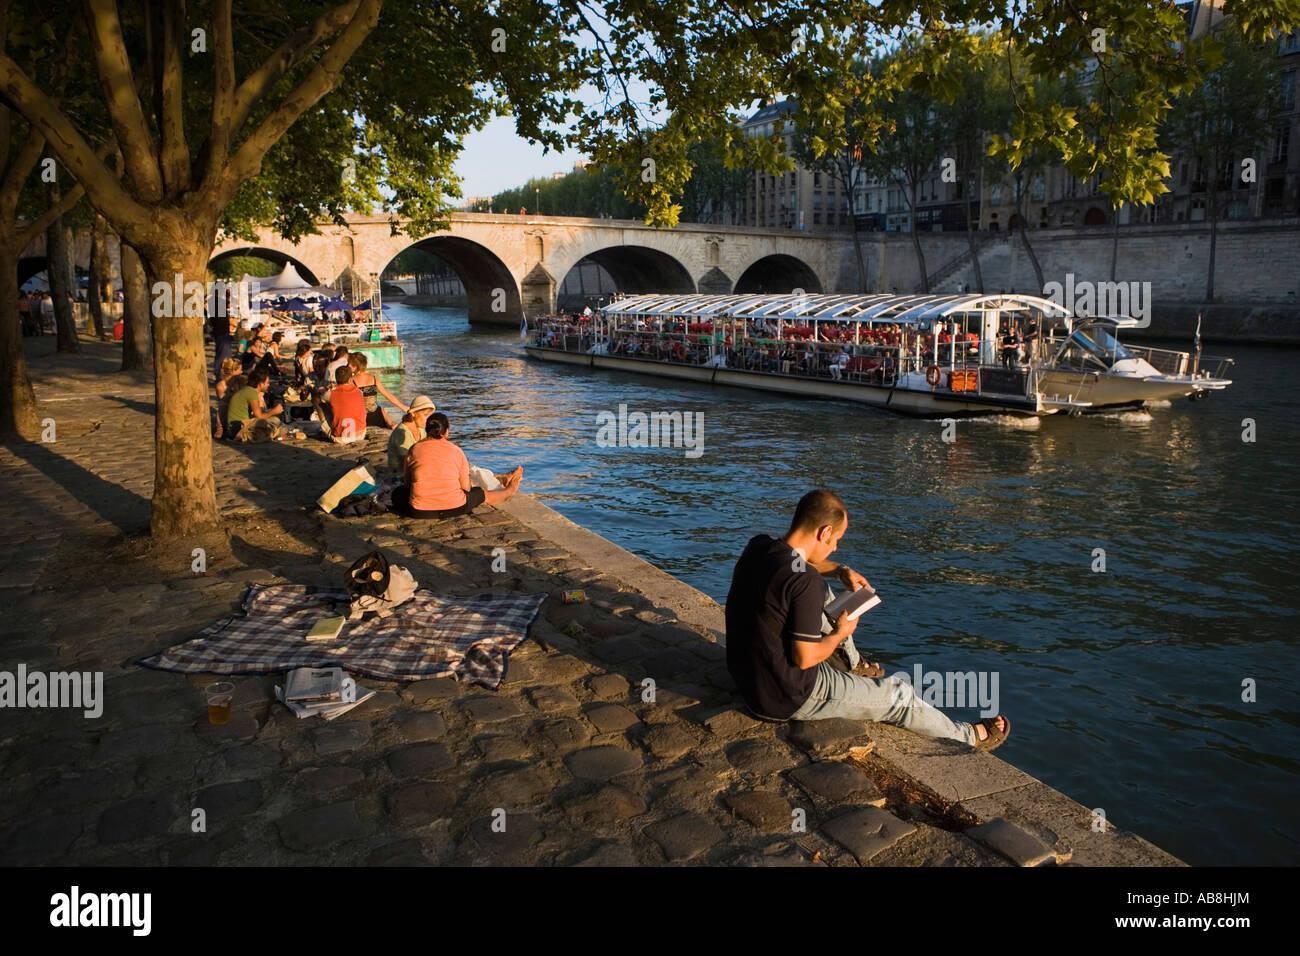 Reading, Paris Plage, Pont Marie, Seine, Paris, France - Stock Image